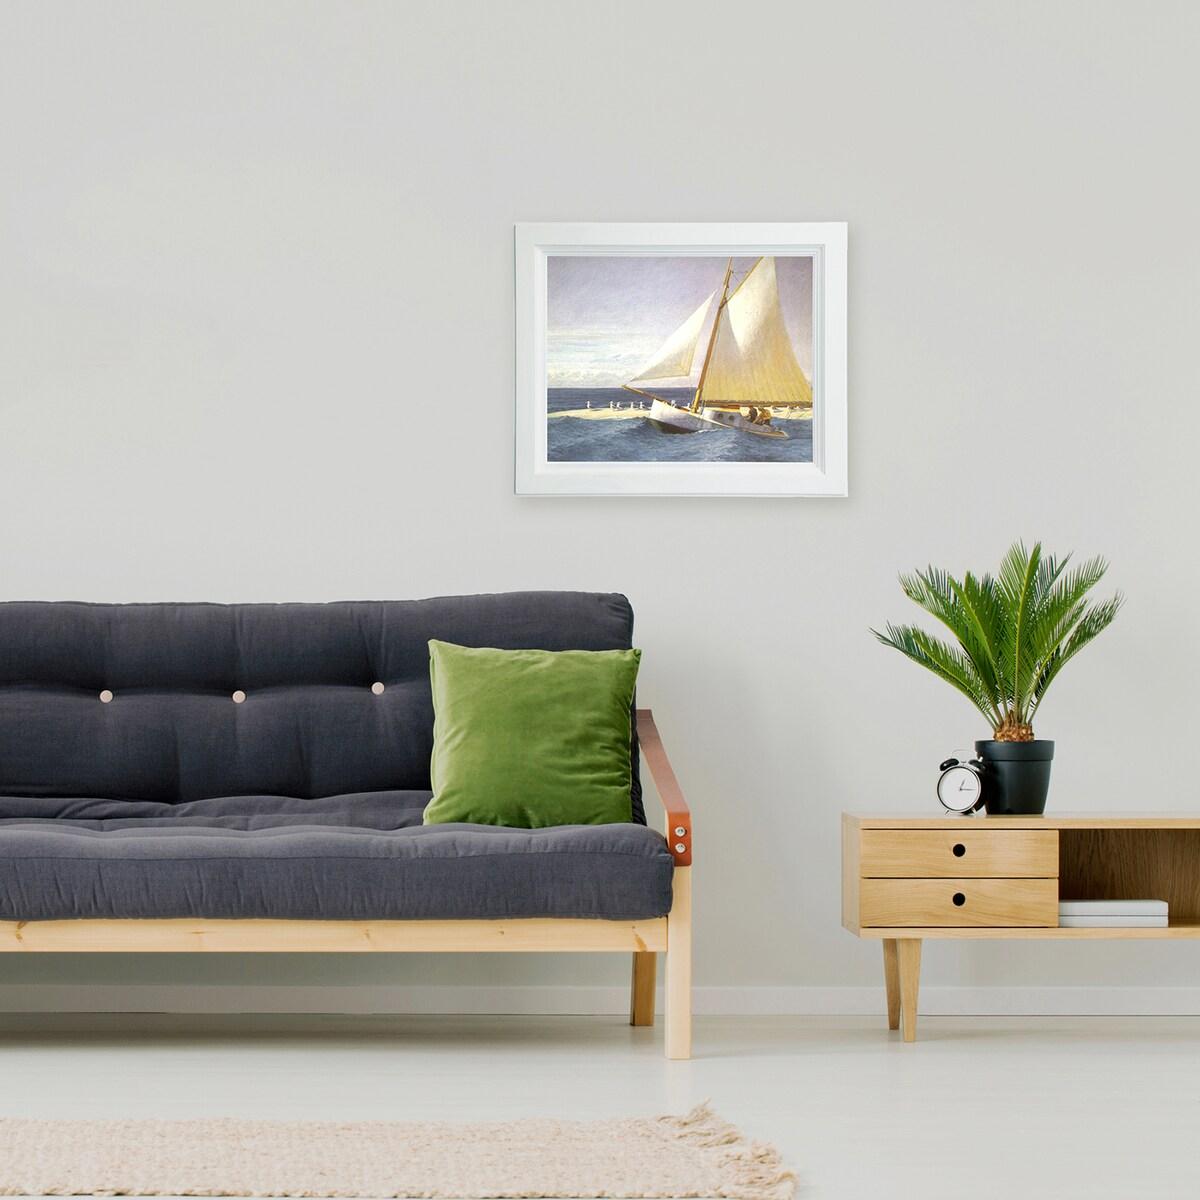 ラーソン・ジュール 油絵用額縁 A260 F4 ホワイト